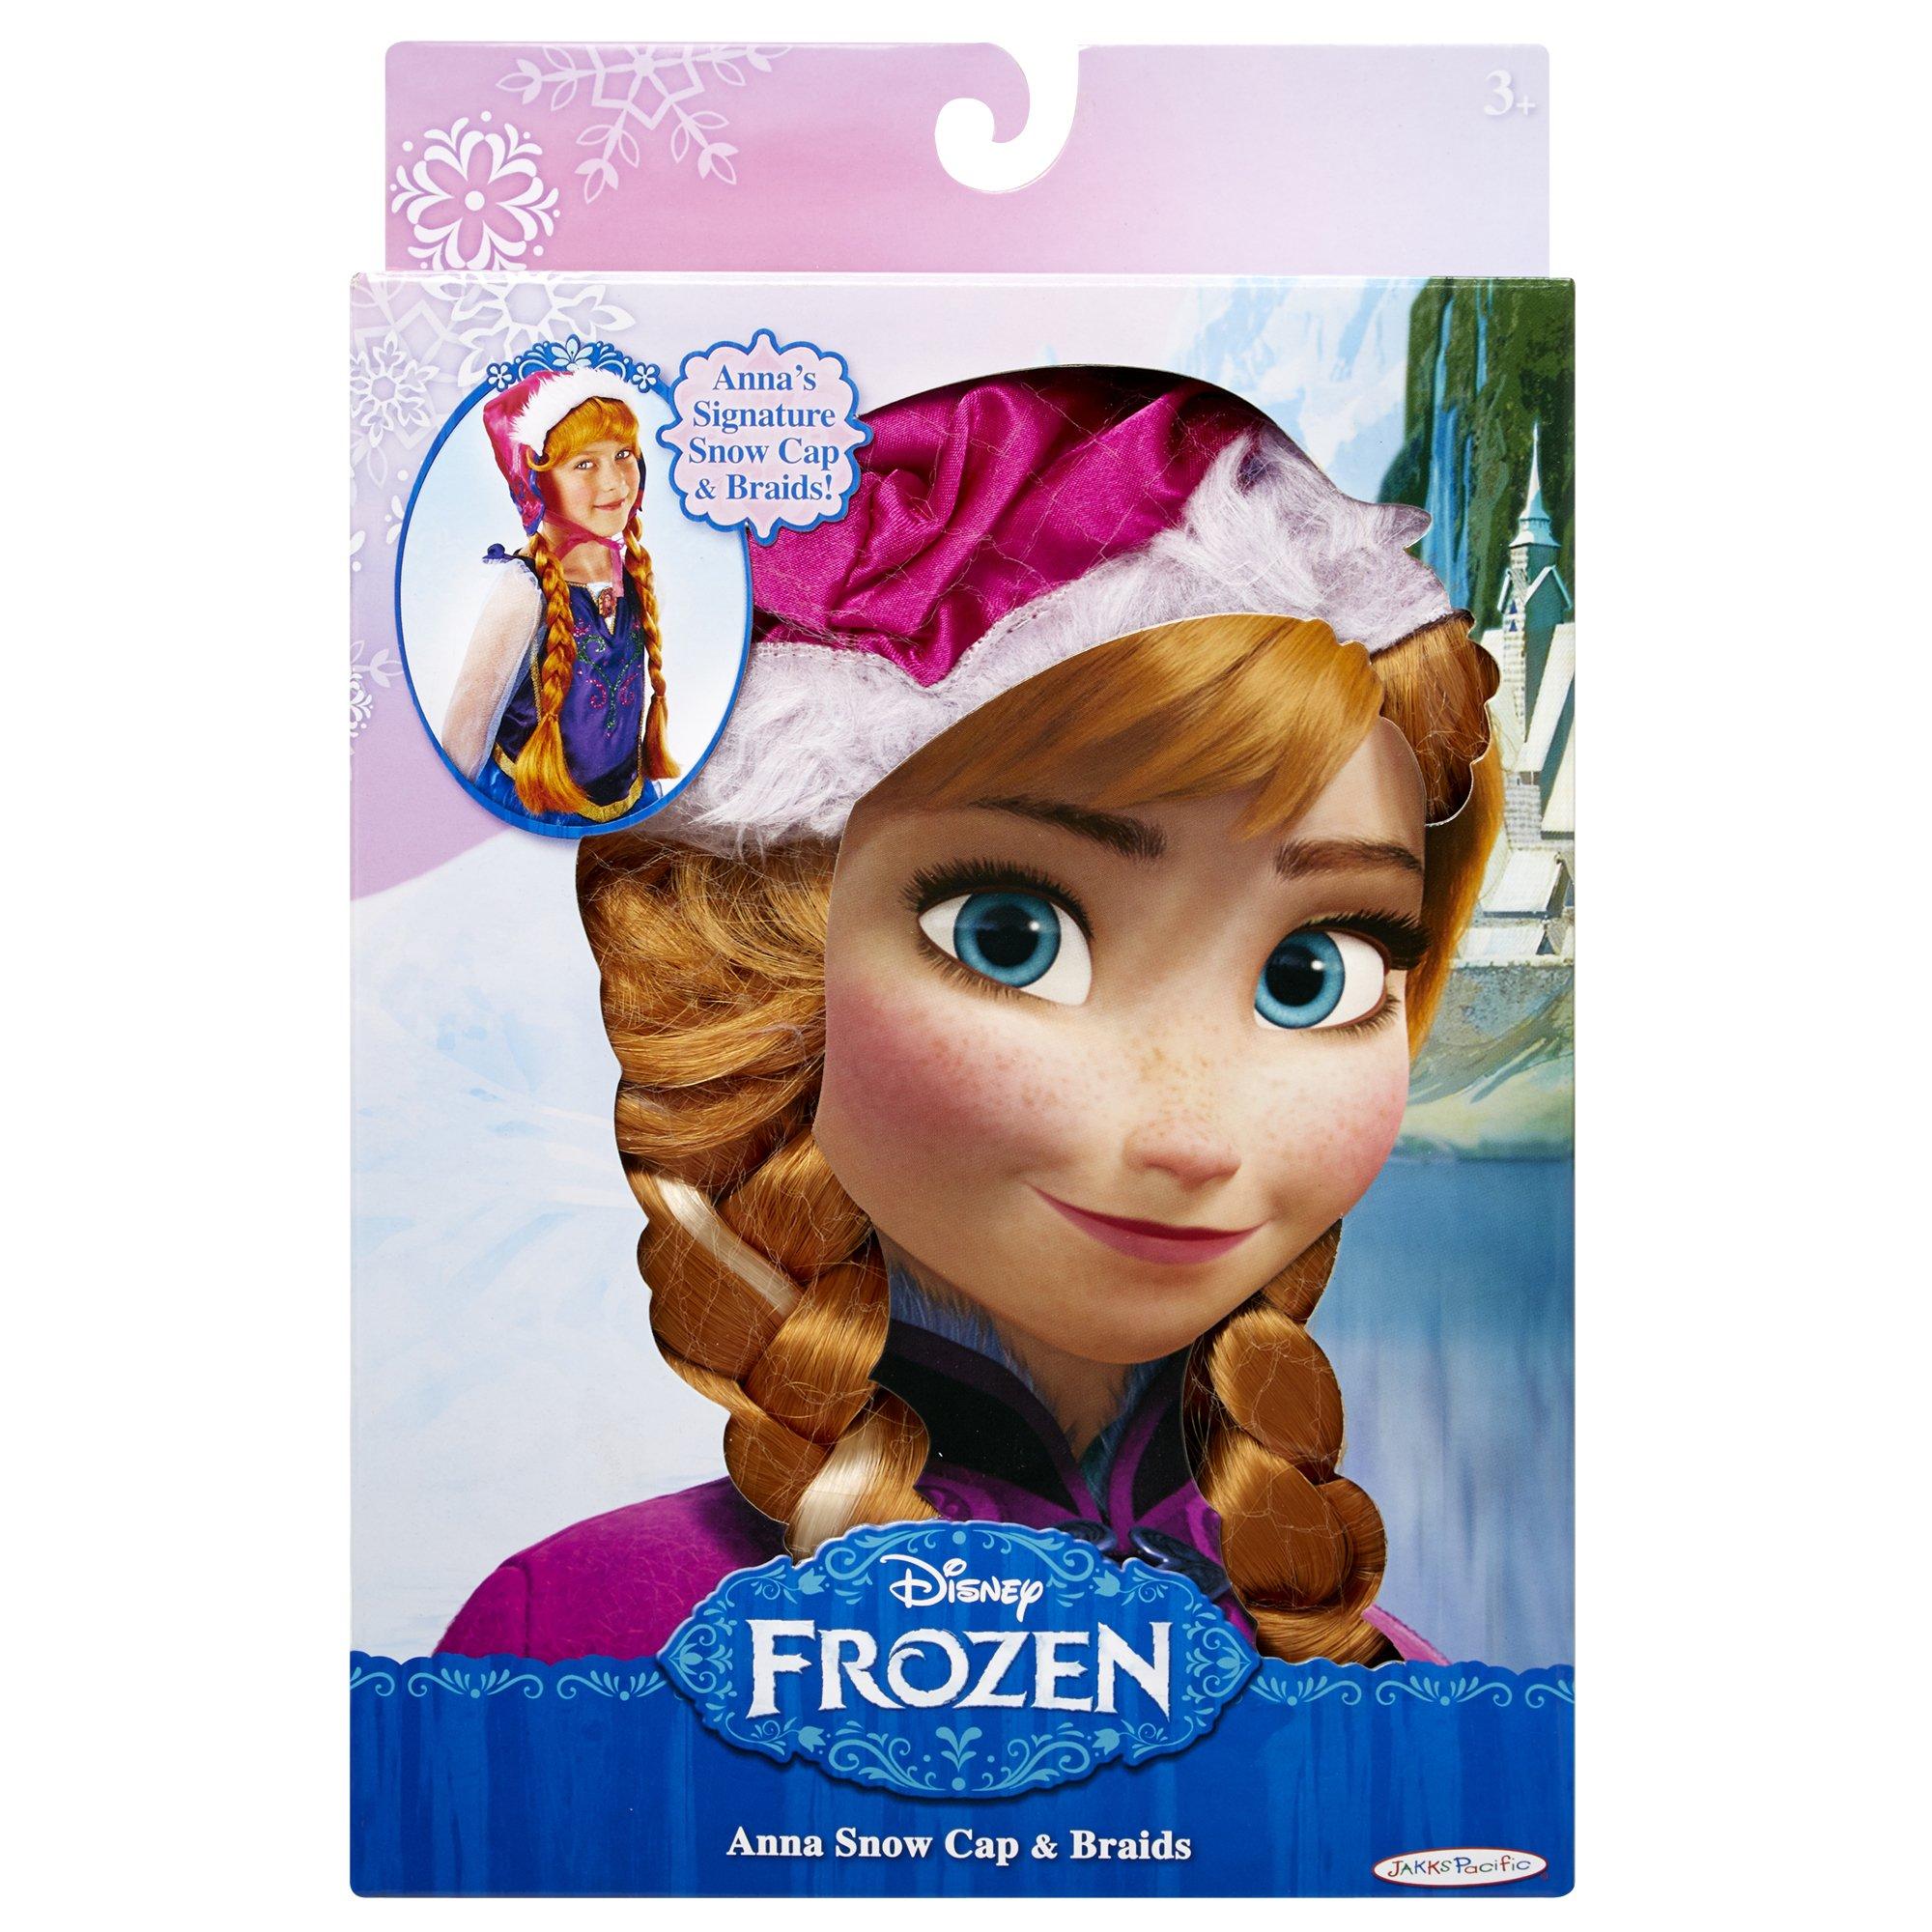 Frozen Disney Anna's Snow Cap and Braids by Frozen